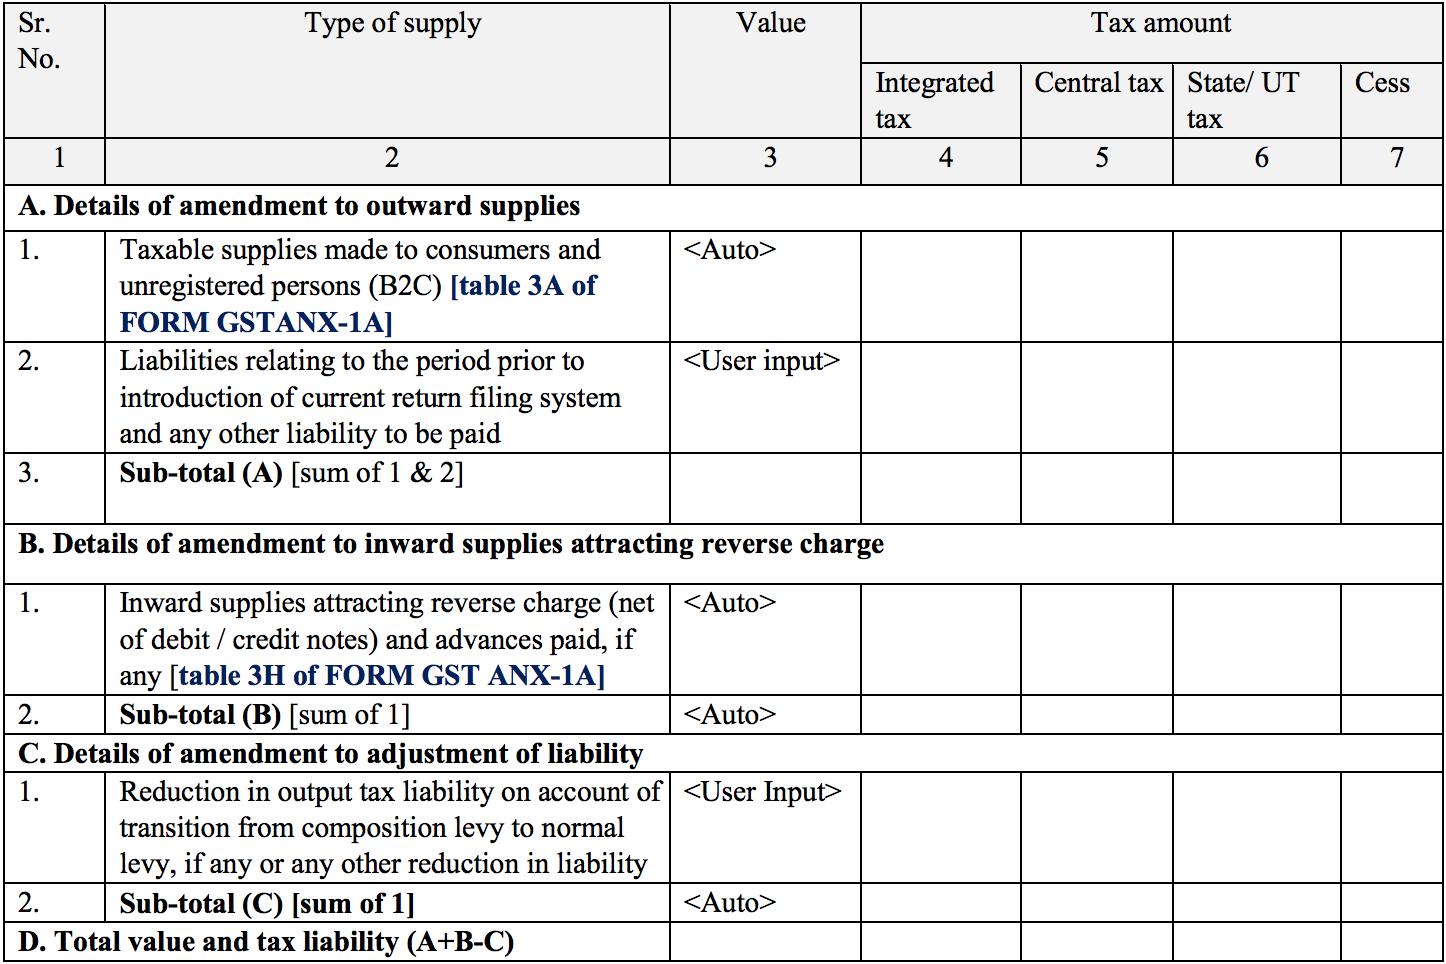 Summary of outward and inward supplies in Sahaj return form GST RET-2